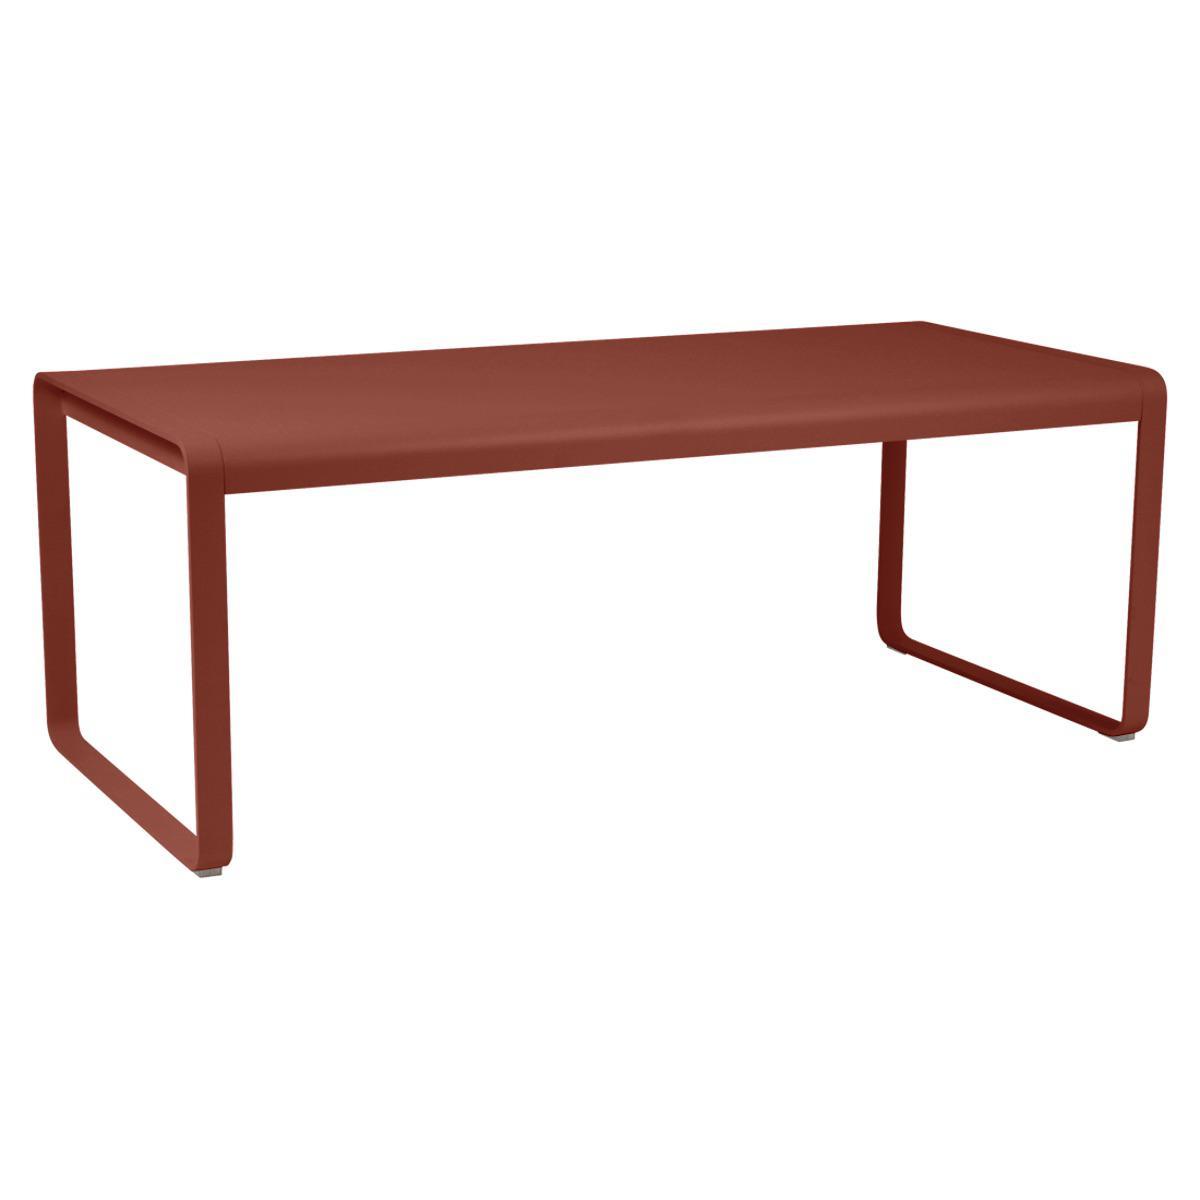 Table 90x196cm BELLEVIE PREMIUM Fermob rouge ocre